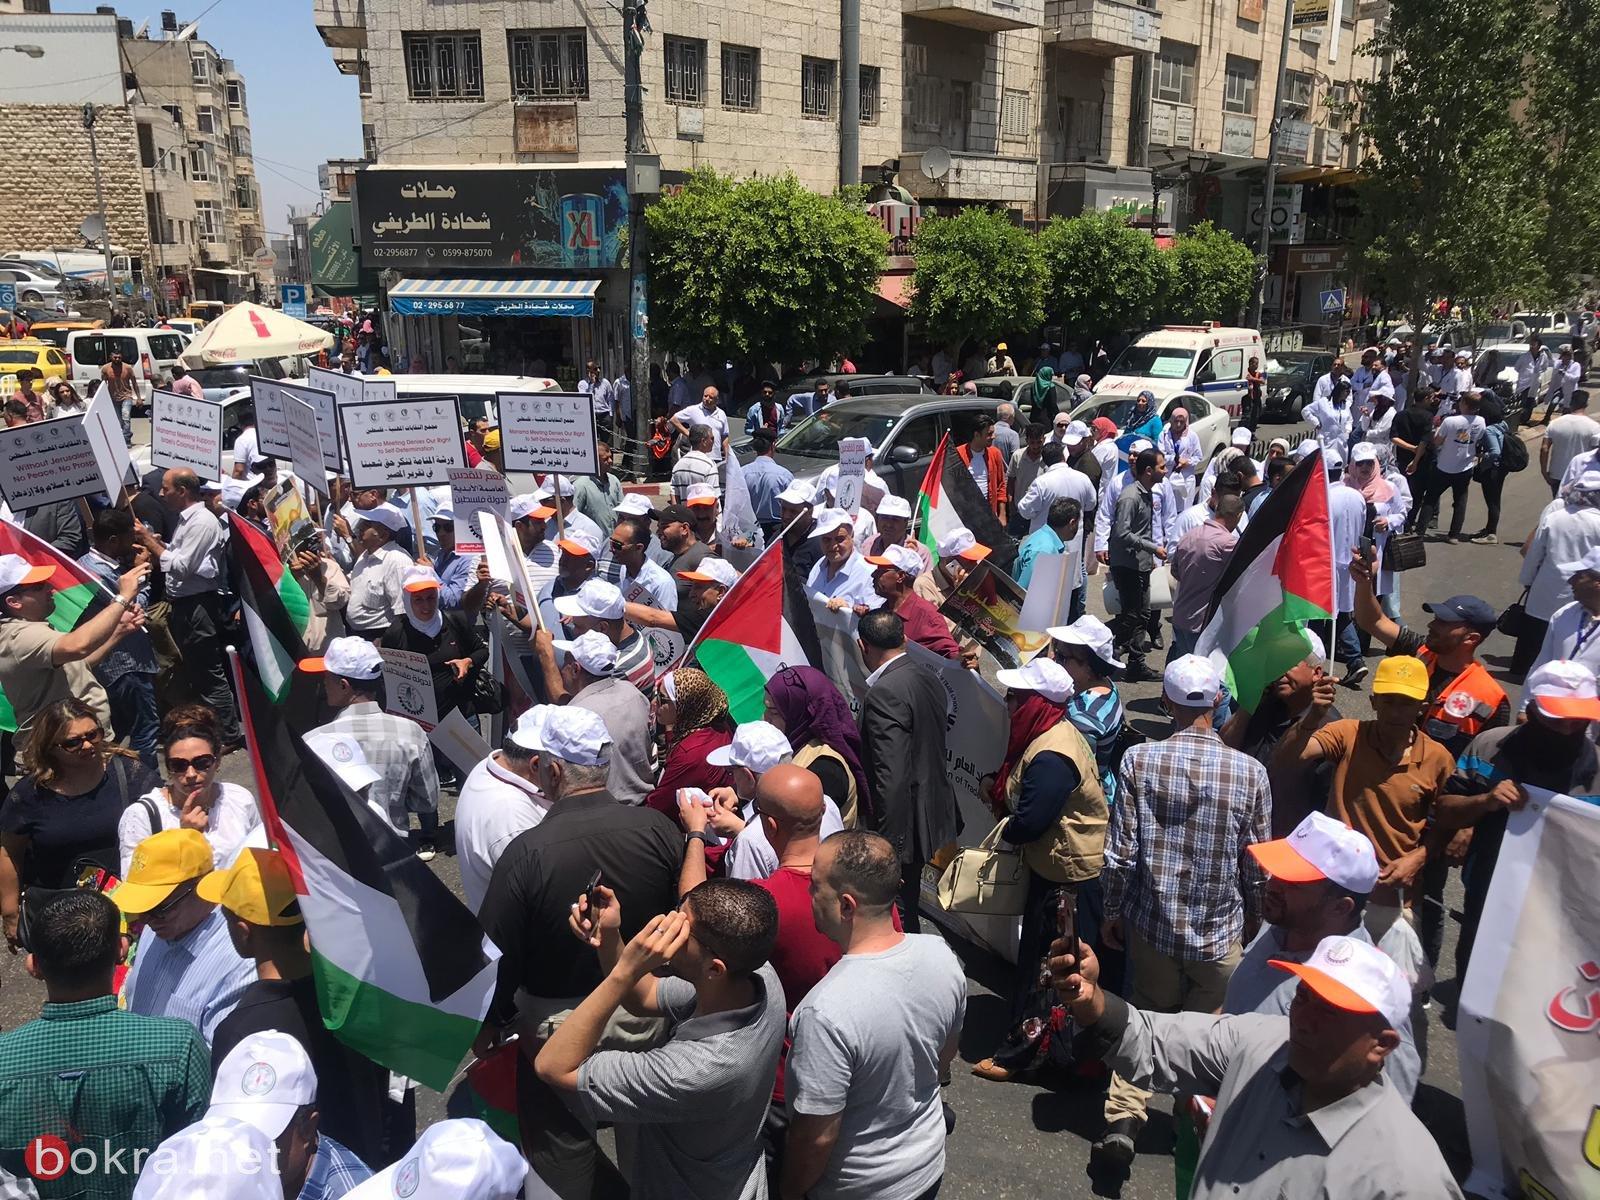 انطلاق فعاليات احتجاجية في الضفة وغزة والشتات رفضا للورشة الأميركية في المنامة